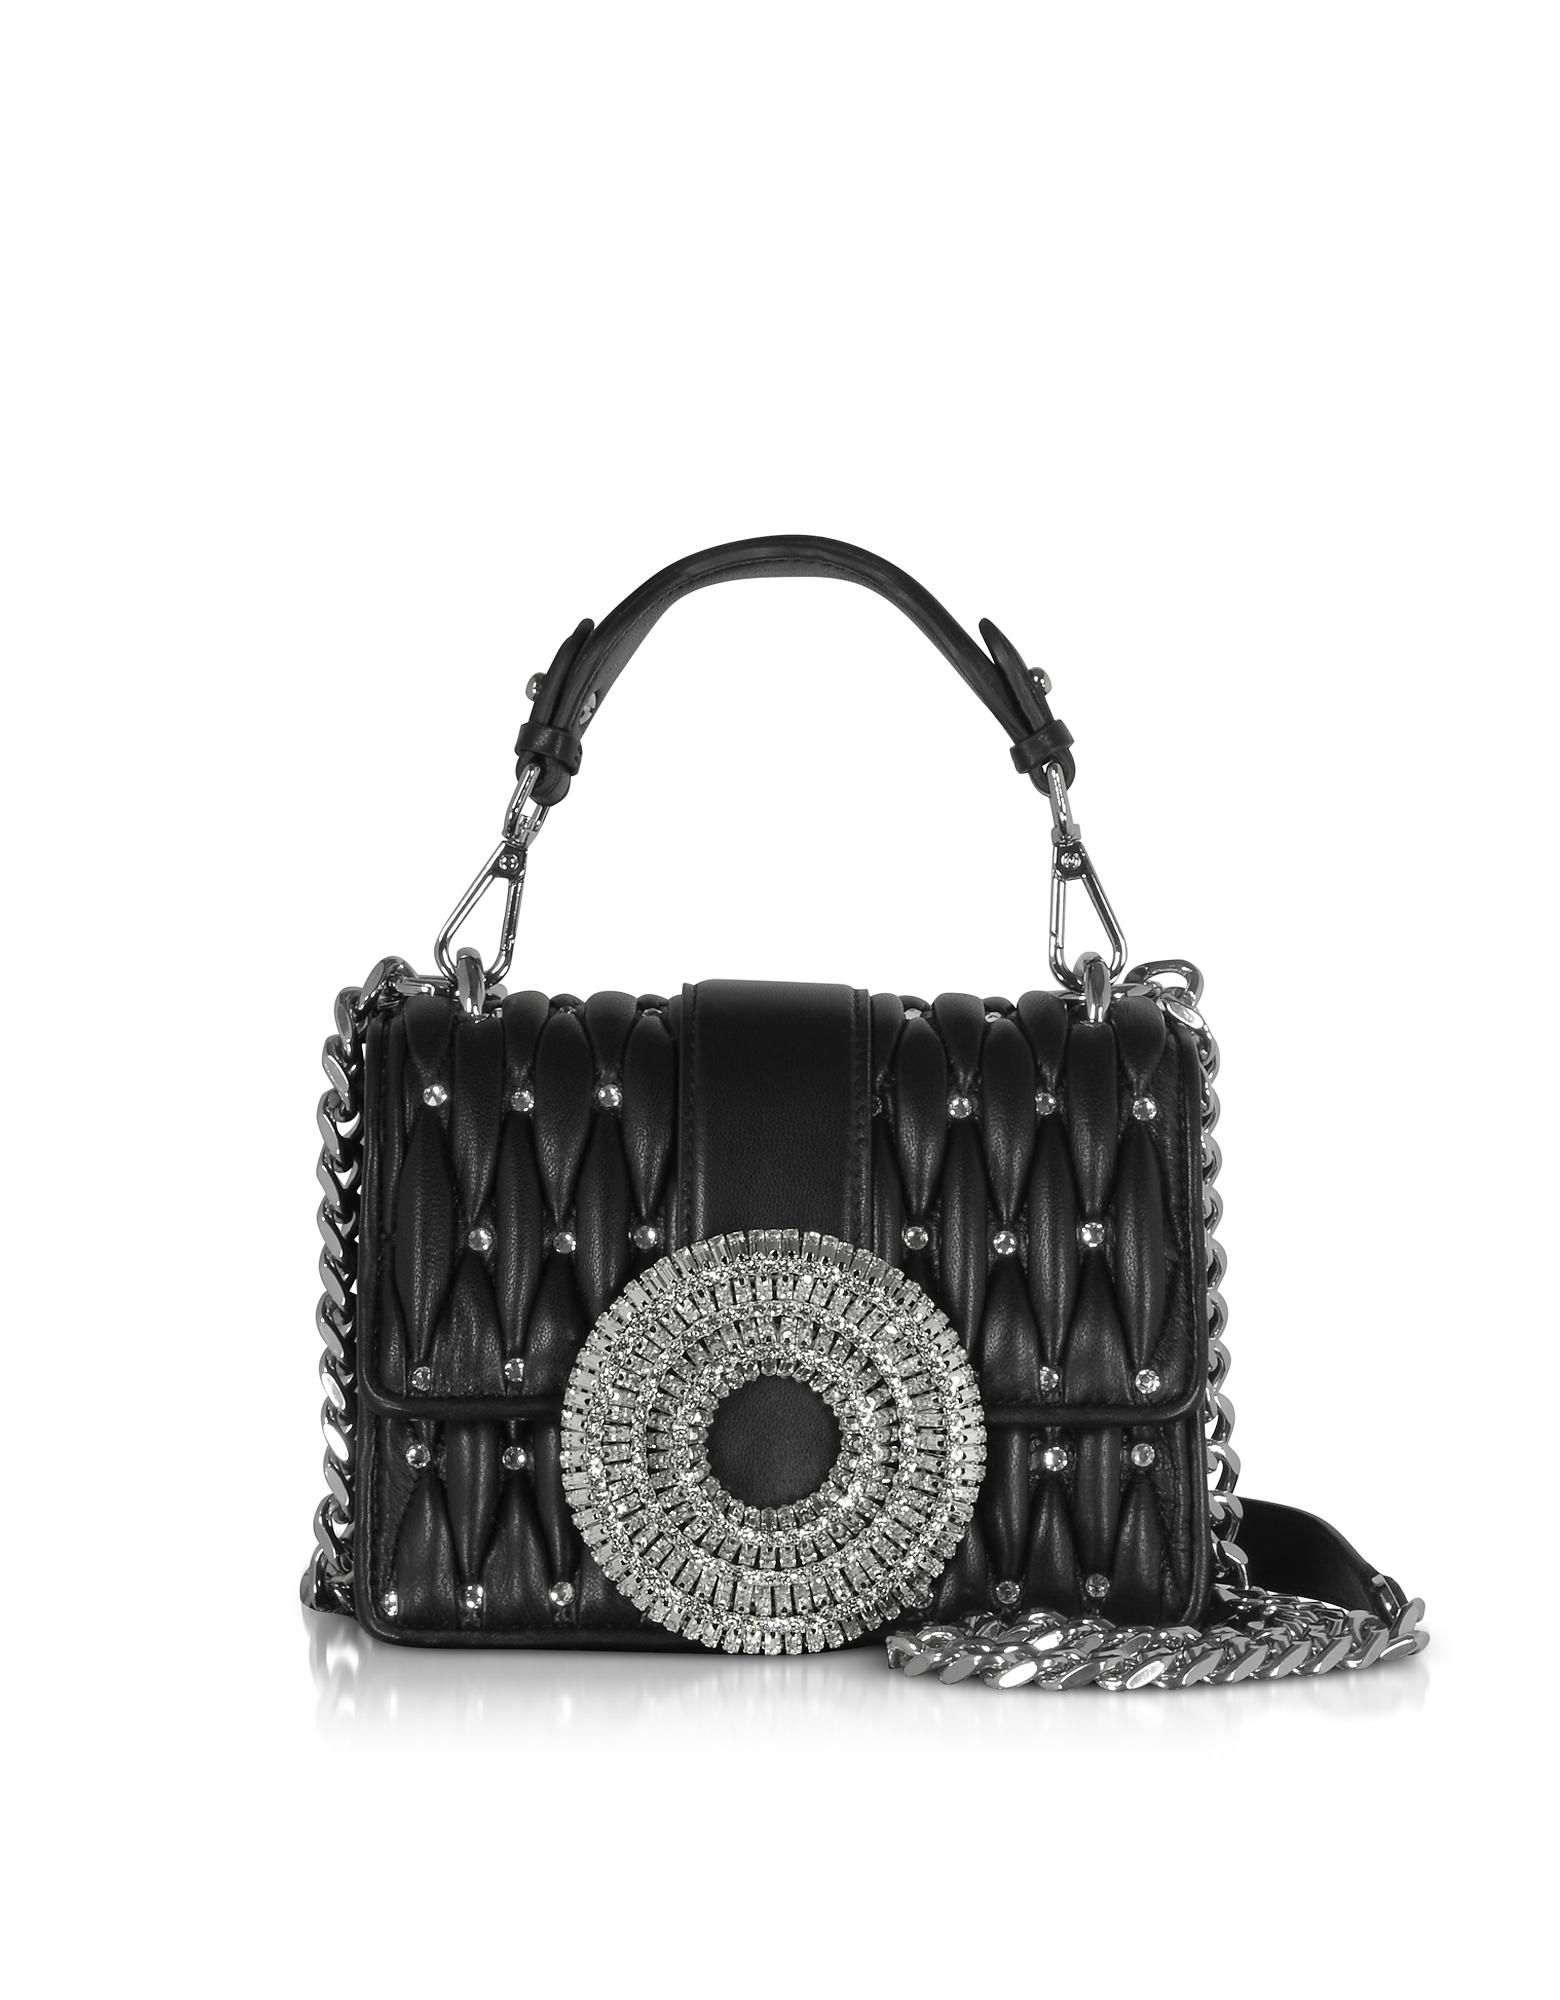 Gio Small Nappa Leather & Crystal Handbag